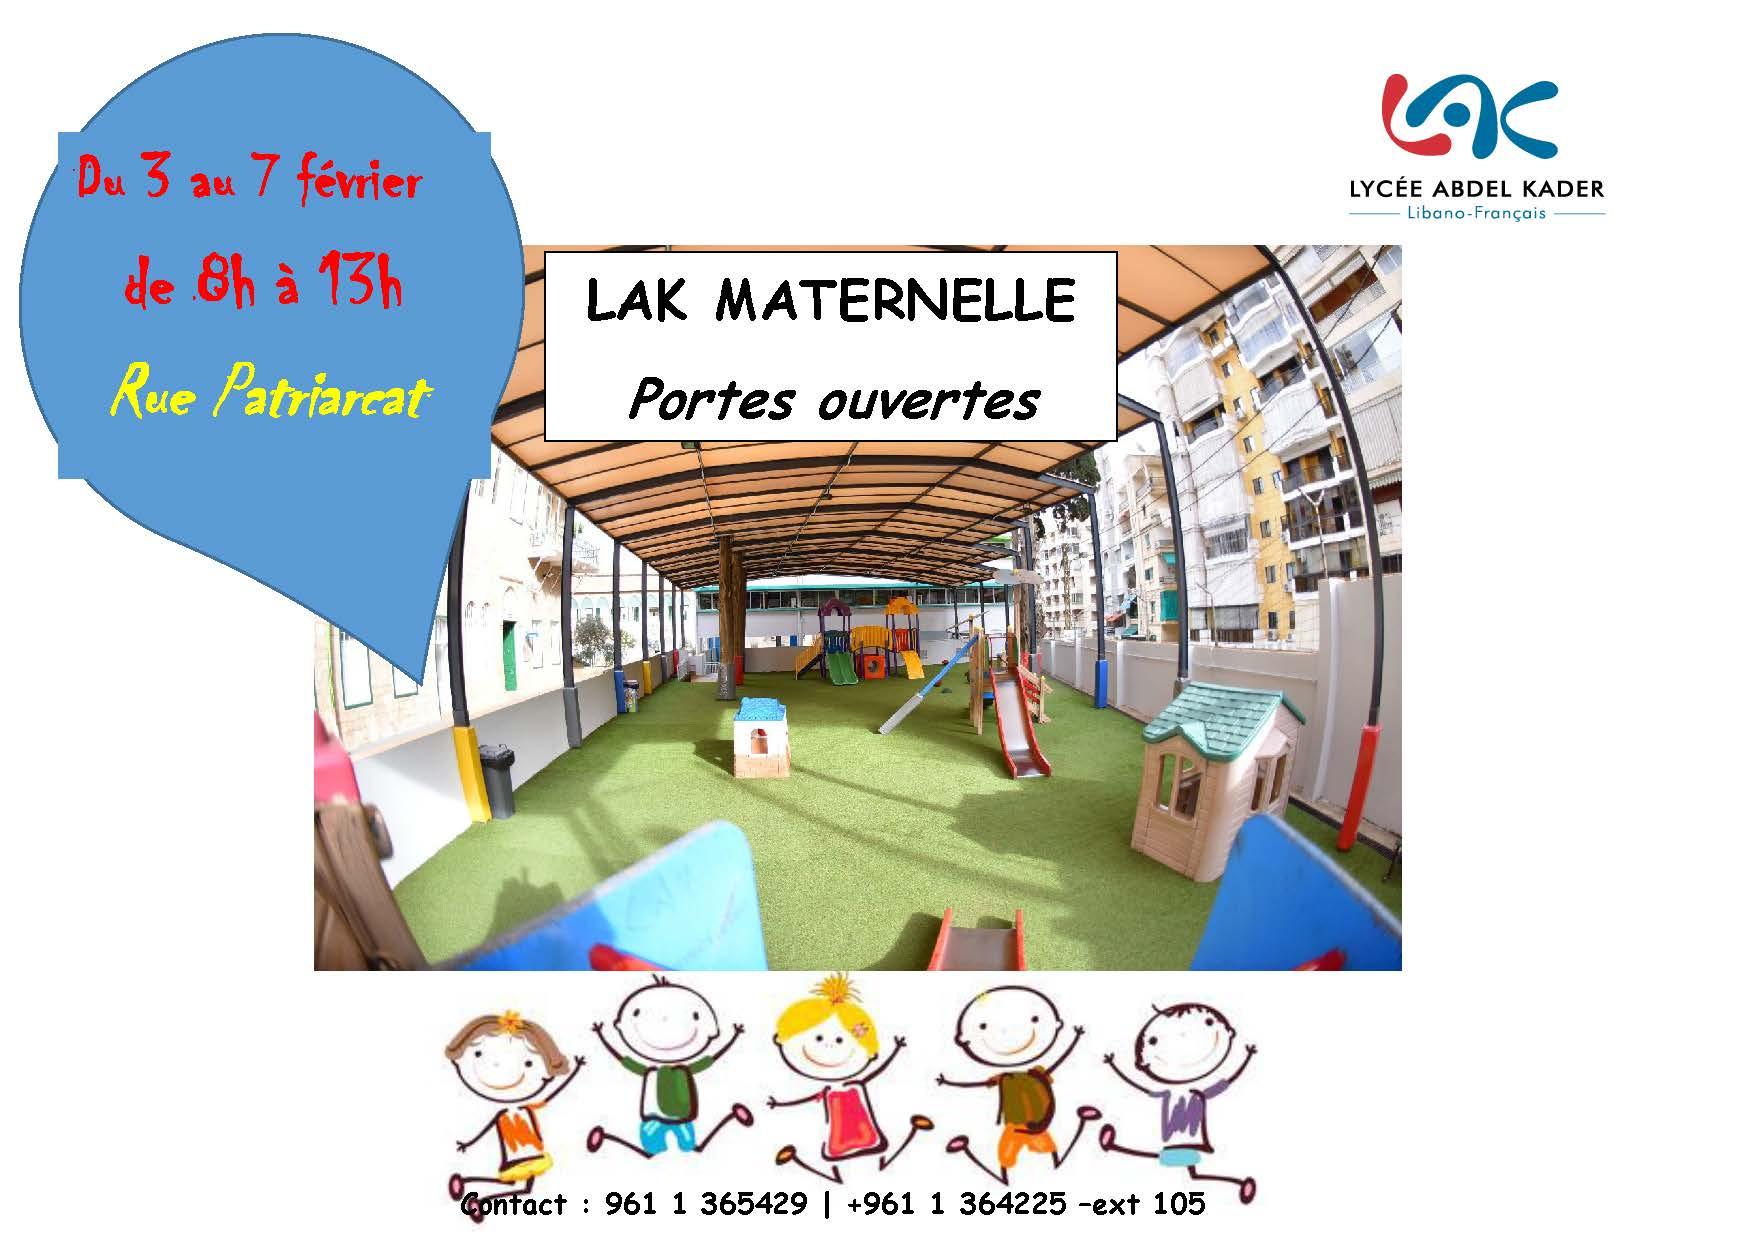 Ecole maternelle-Portes ouvertes-3 au7 février